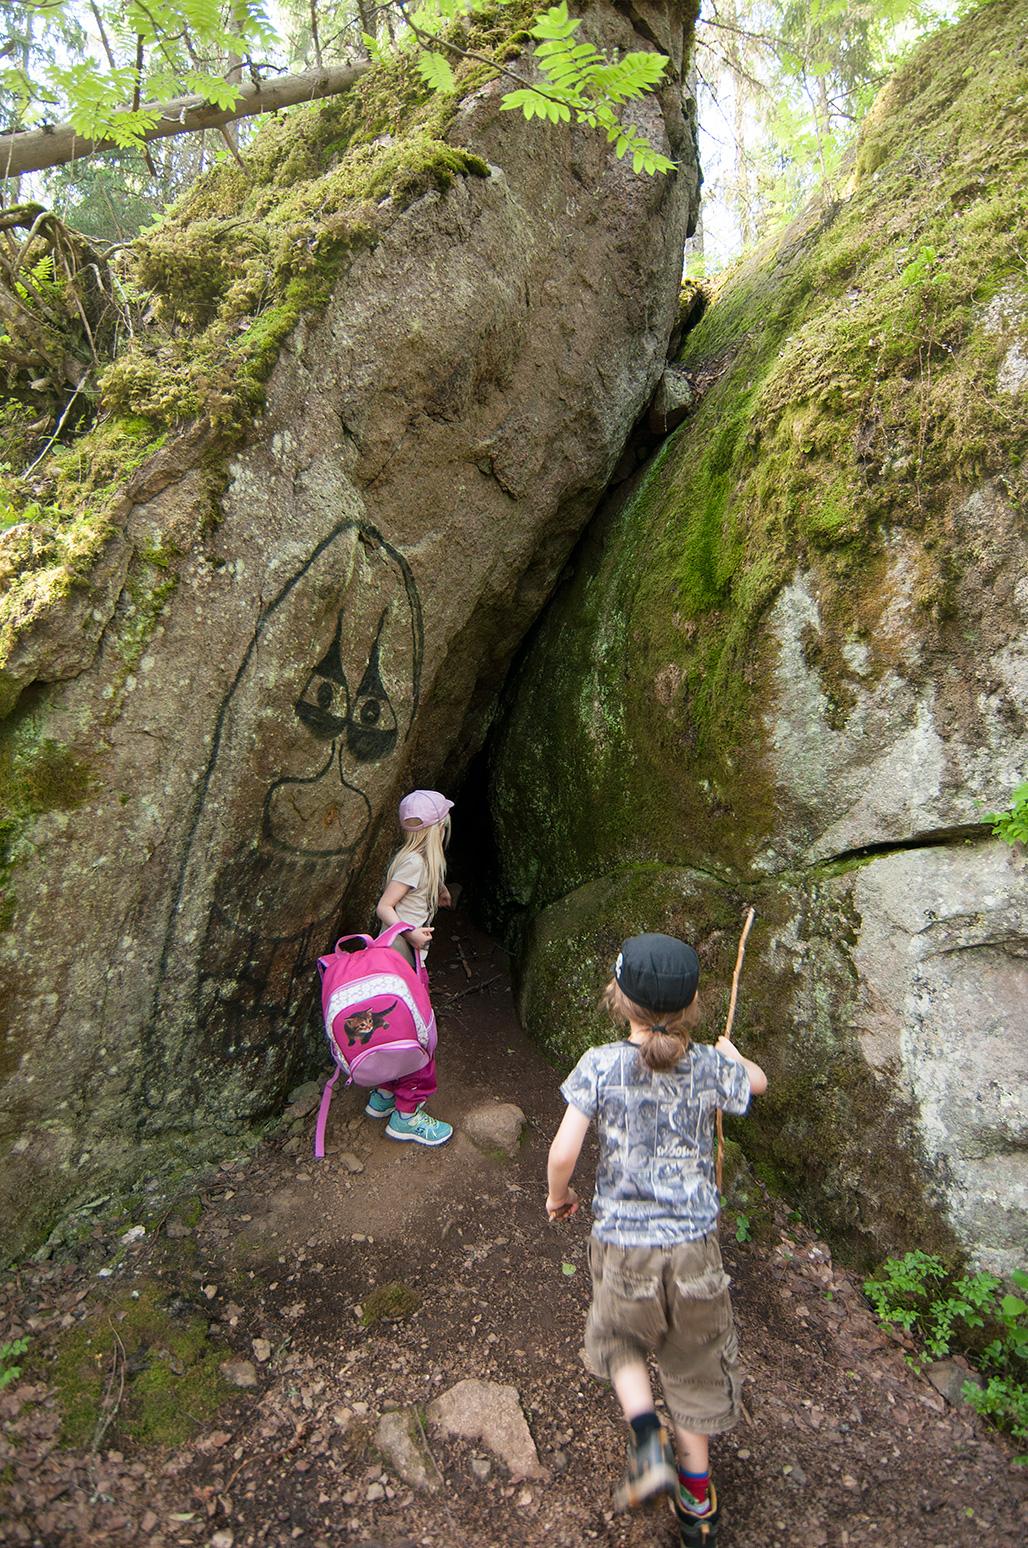 Riemukkaita kiljahduksia luolan löytymisestä kuului monestakin suusta.